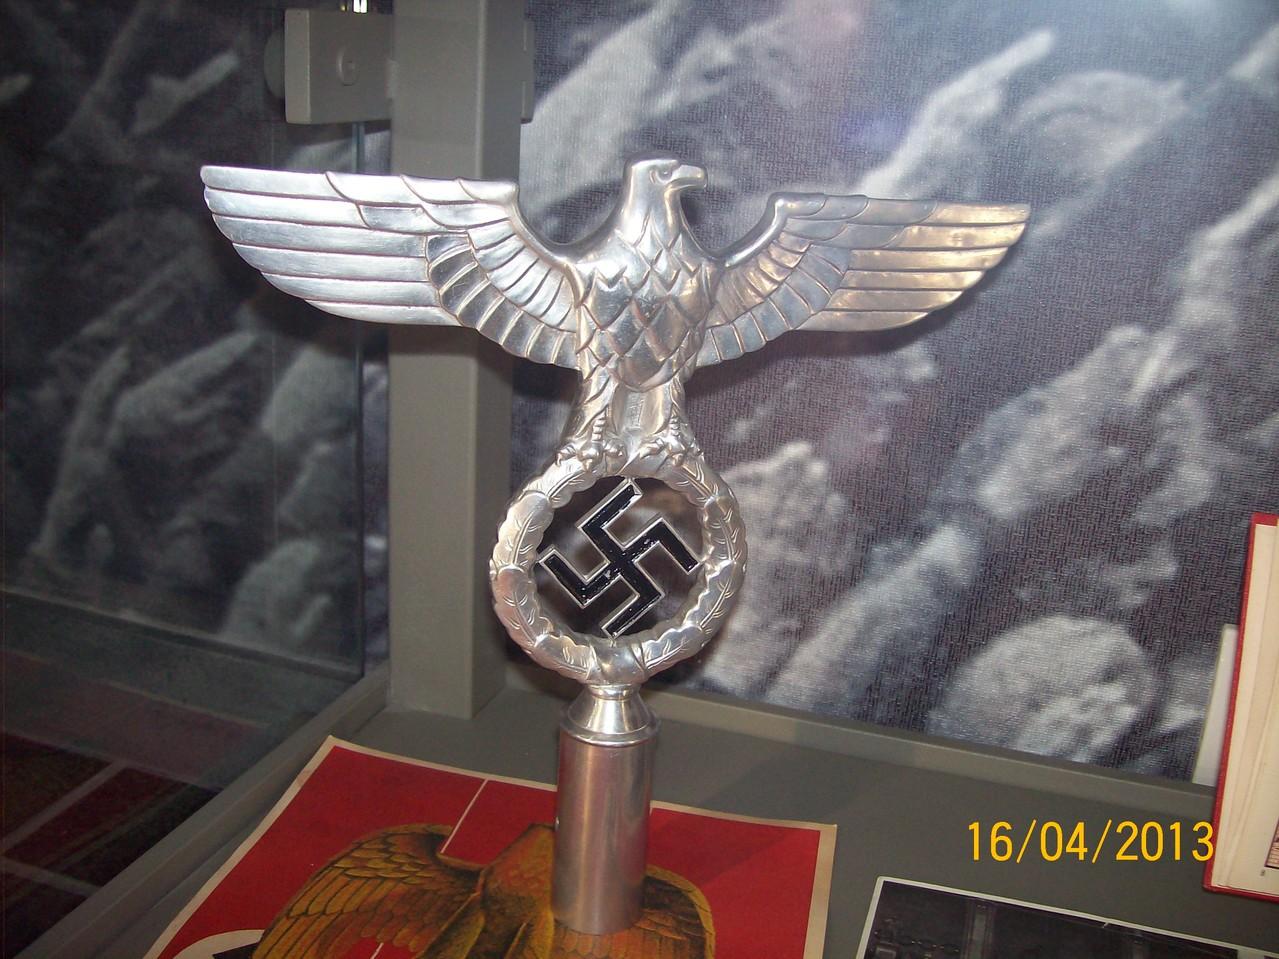 Надверхів'я нацистського прапора